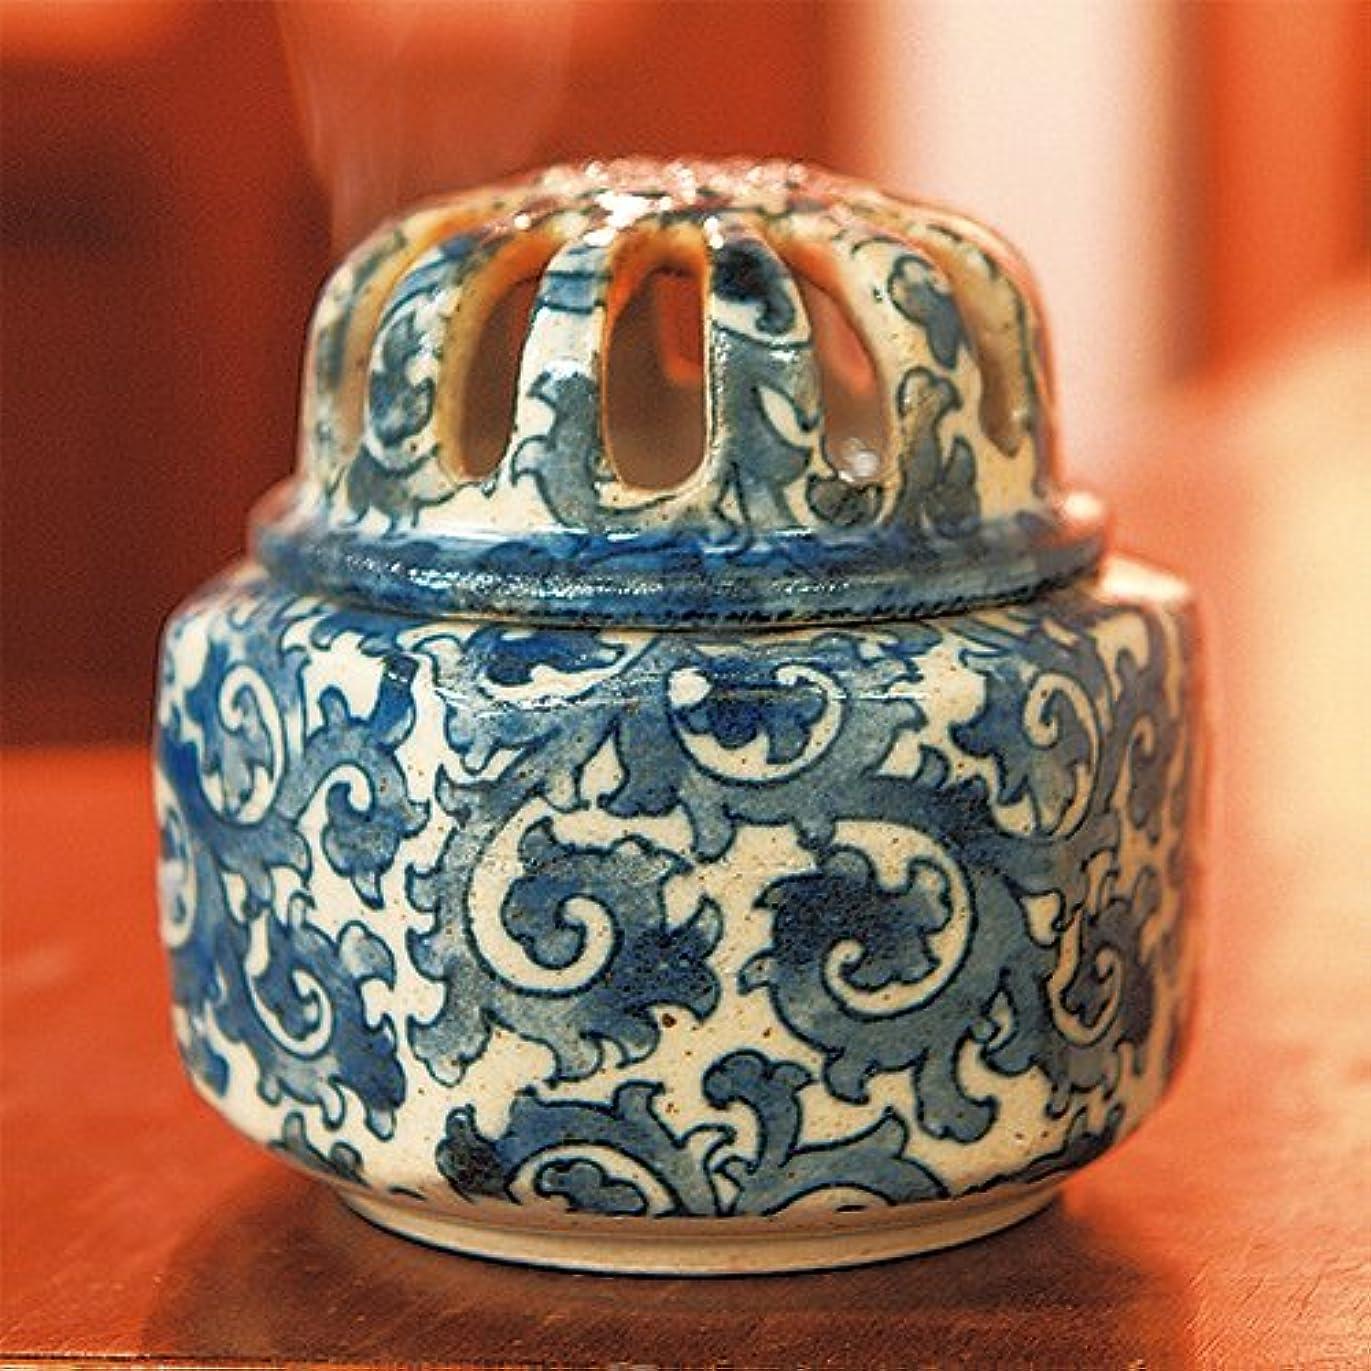 孤独な展開する制約香炉 土物 タコ唐草 福香炉 [R8.8xH8.7cm] プレゼント ギフト 和食器 かわいい インテリア